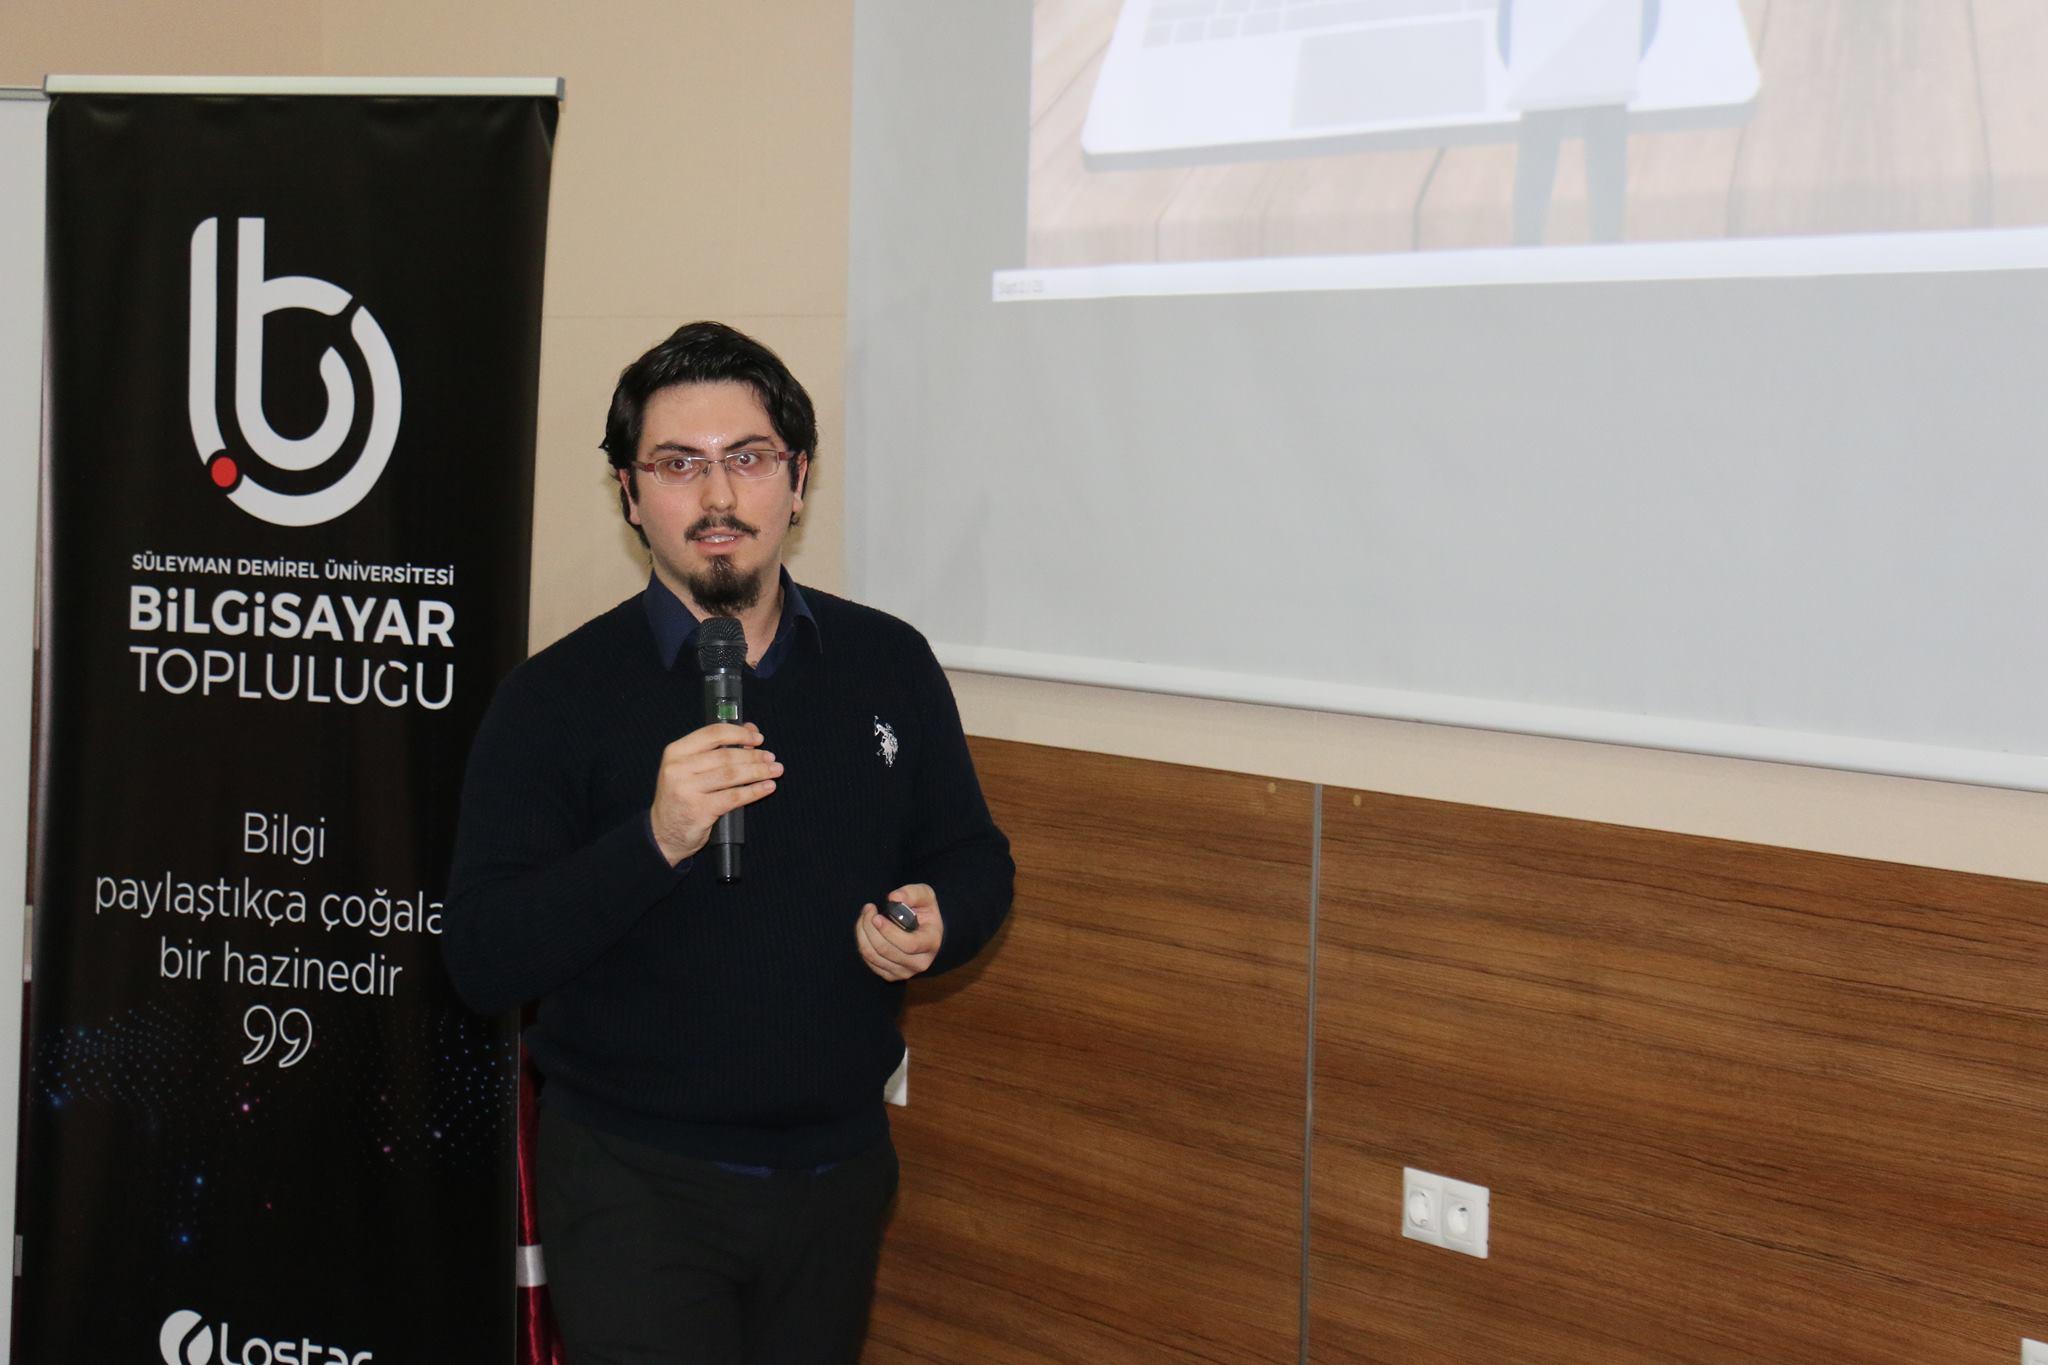 Enis Necipoğlu Süleyman Demirel Üniversitesi Unity ile Oyun Geliştirme